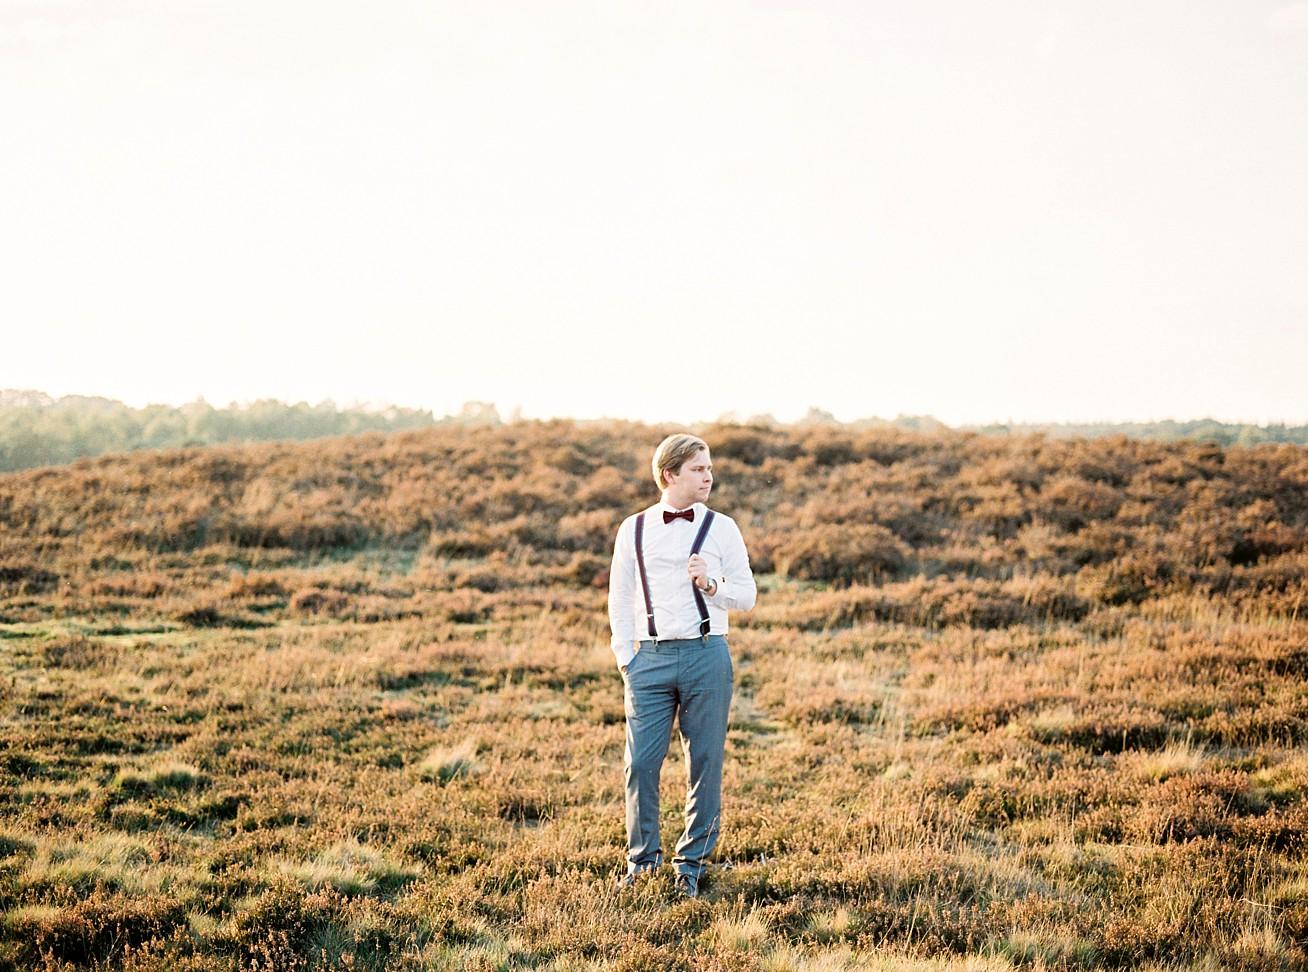 Amanda-Drost-Photography-fine-art-fotografie-nederland-coupleshoot-loveshoot_0006.jpg